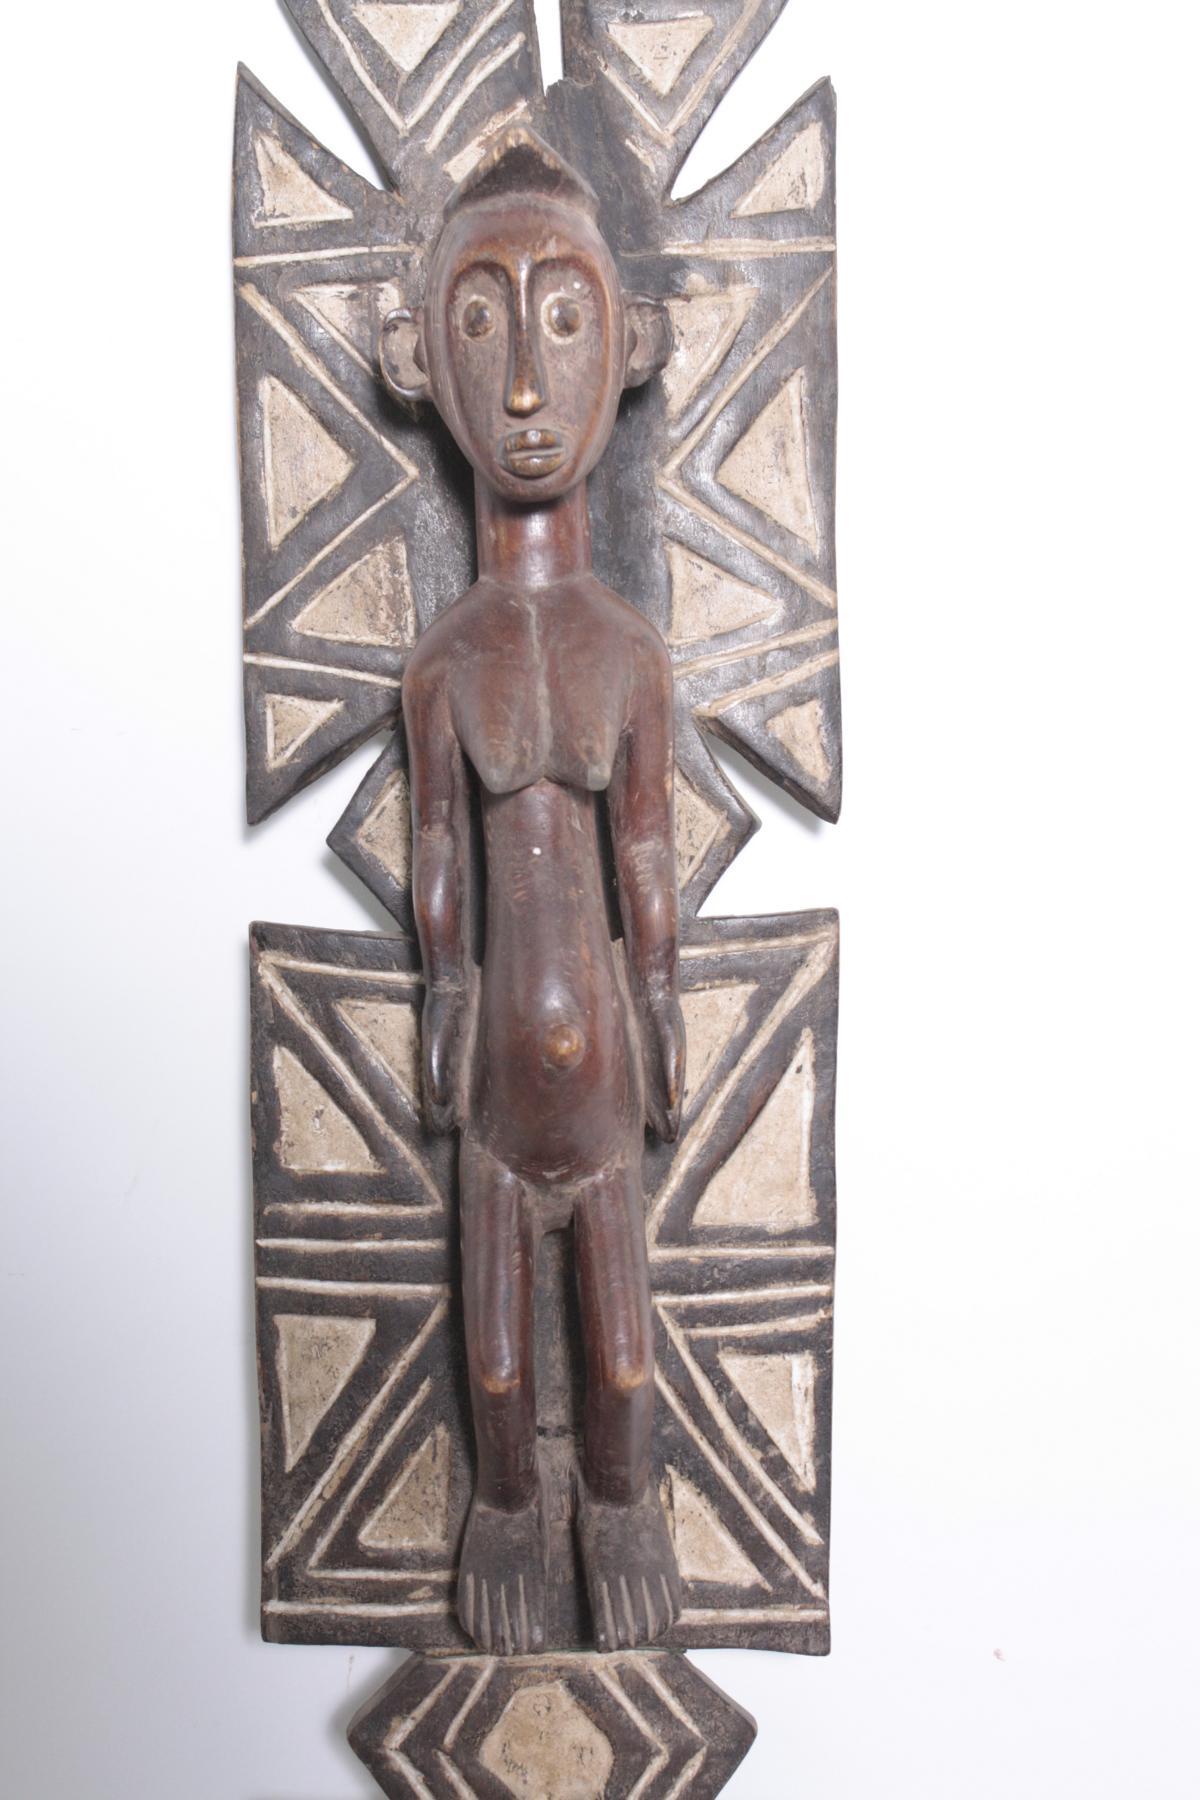 Aufsatz-Tanzmaske, Mossi, Burkina Faso, 1. Hälfte 20. Jh.Holz, geschnitzt. Flach reliefiertes - Bild 2 aus 6